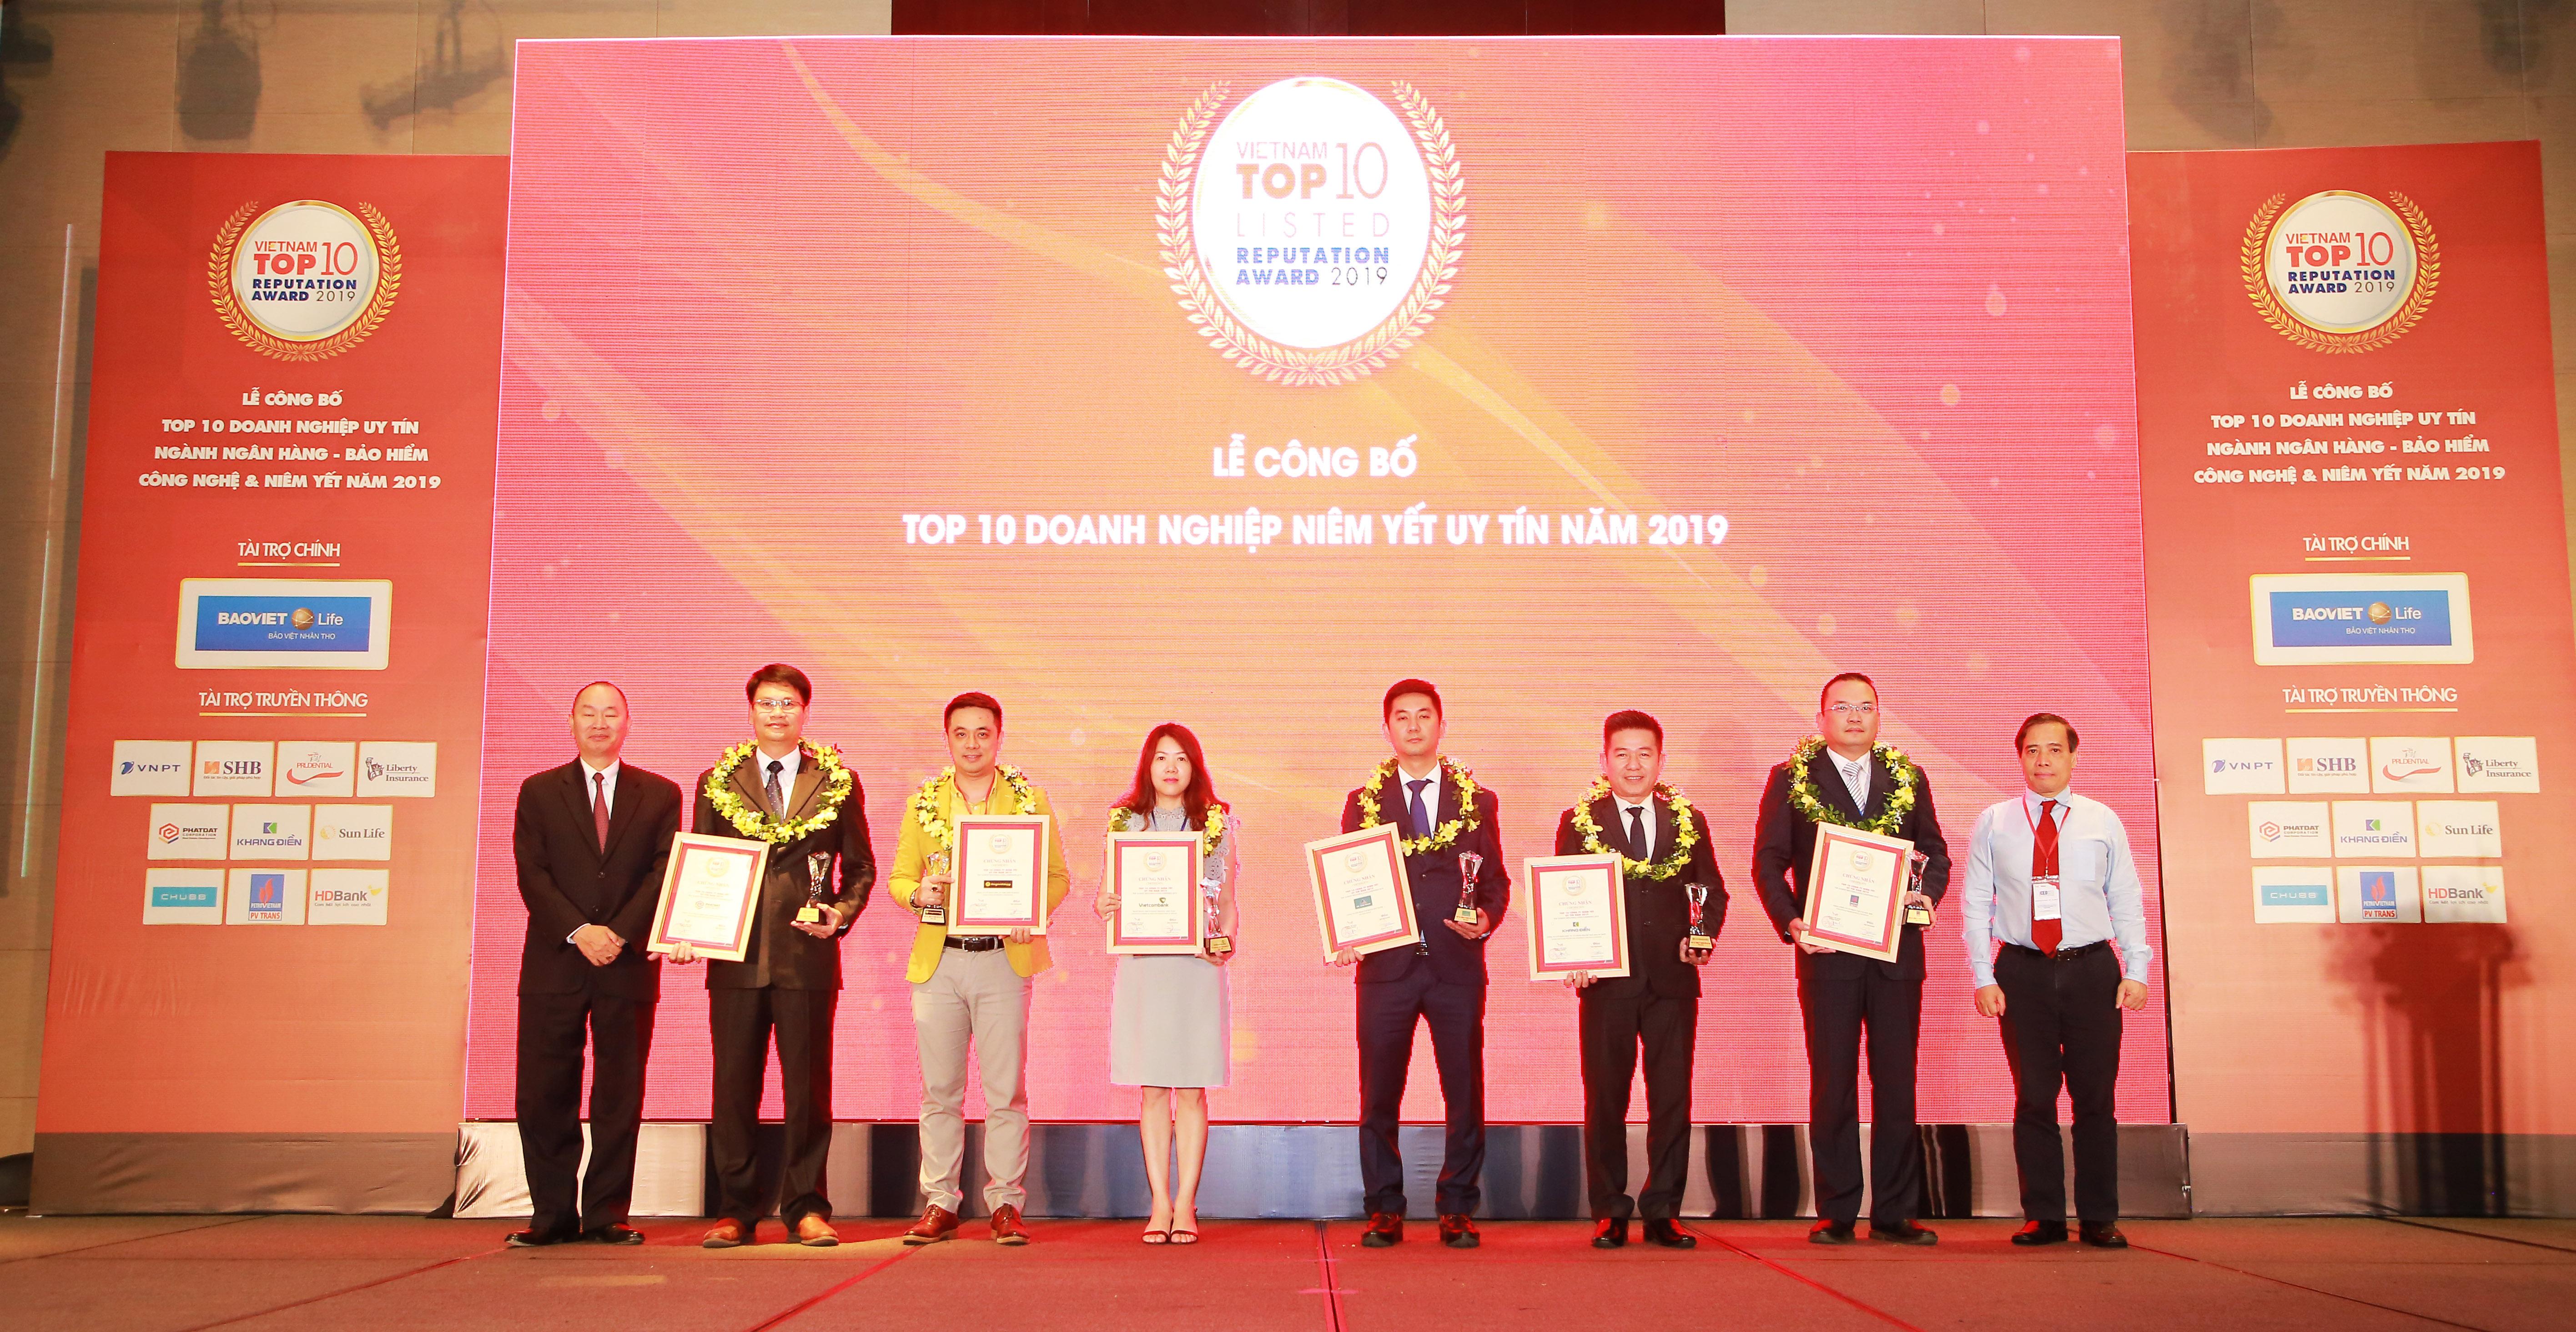 Khang Điền được vinh danh top 10 doanh nghiệp niêm yết uy tín nhất năm 2019